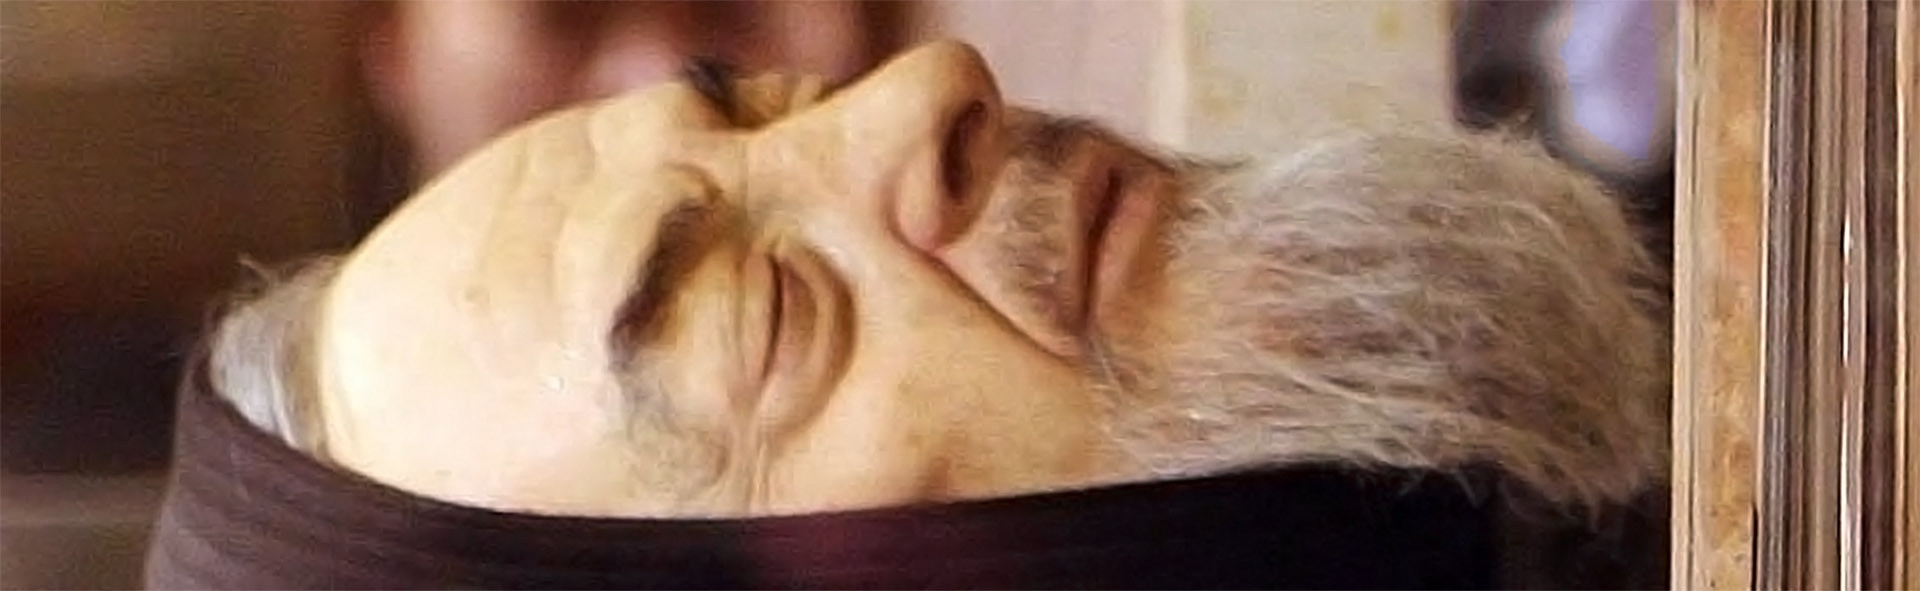 Pellegrinaggio Padre Pio da Roma in Pullman 25 Aprile